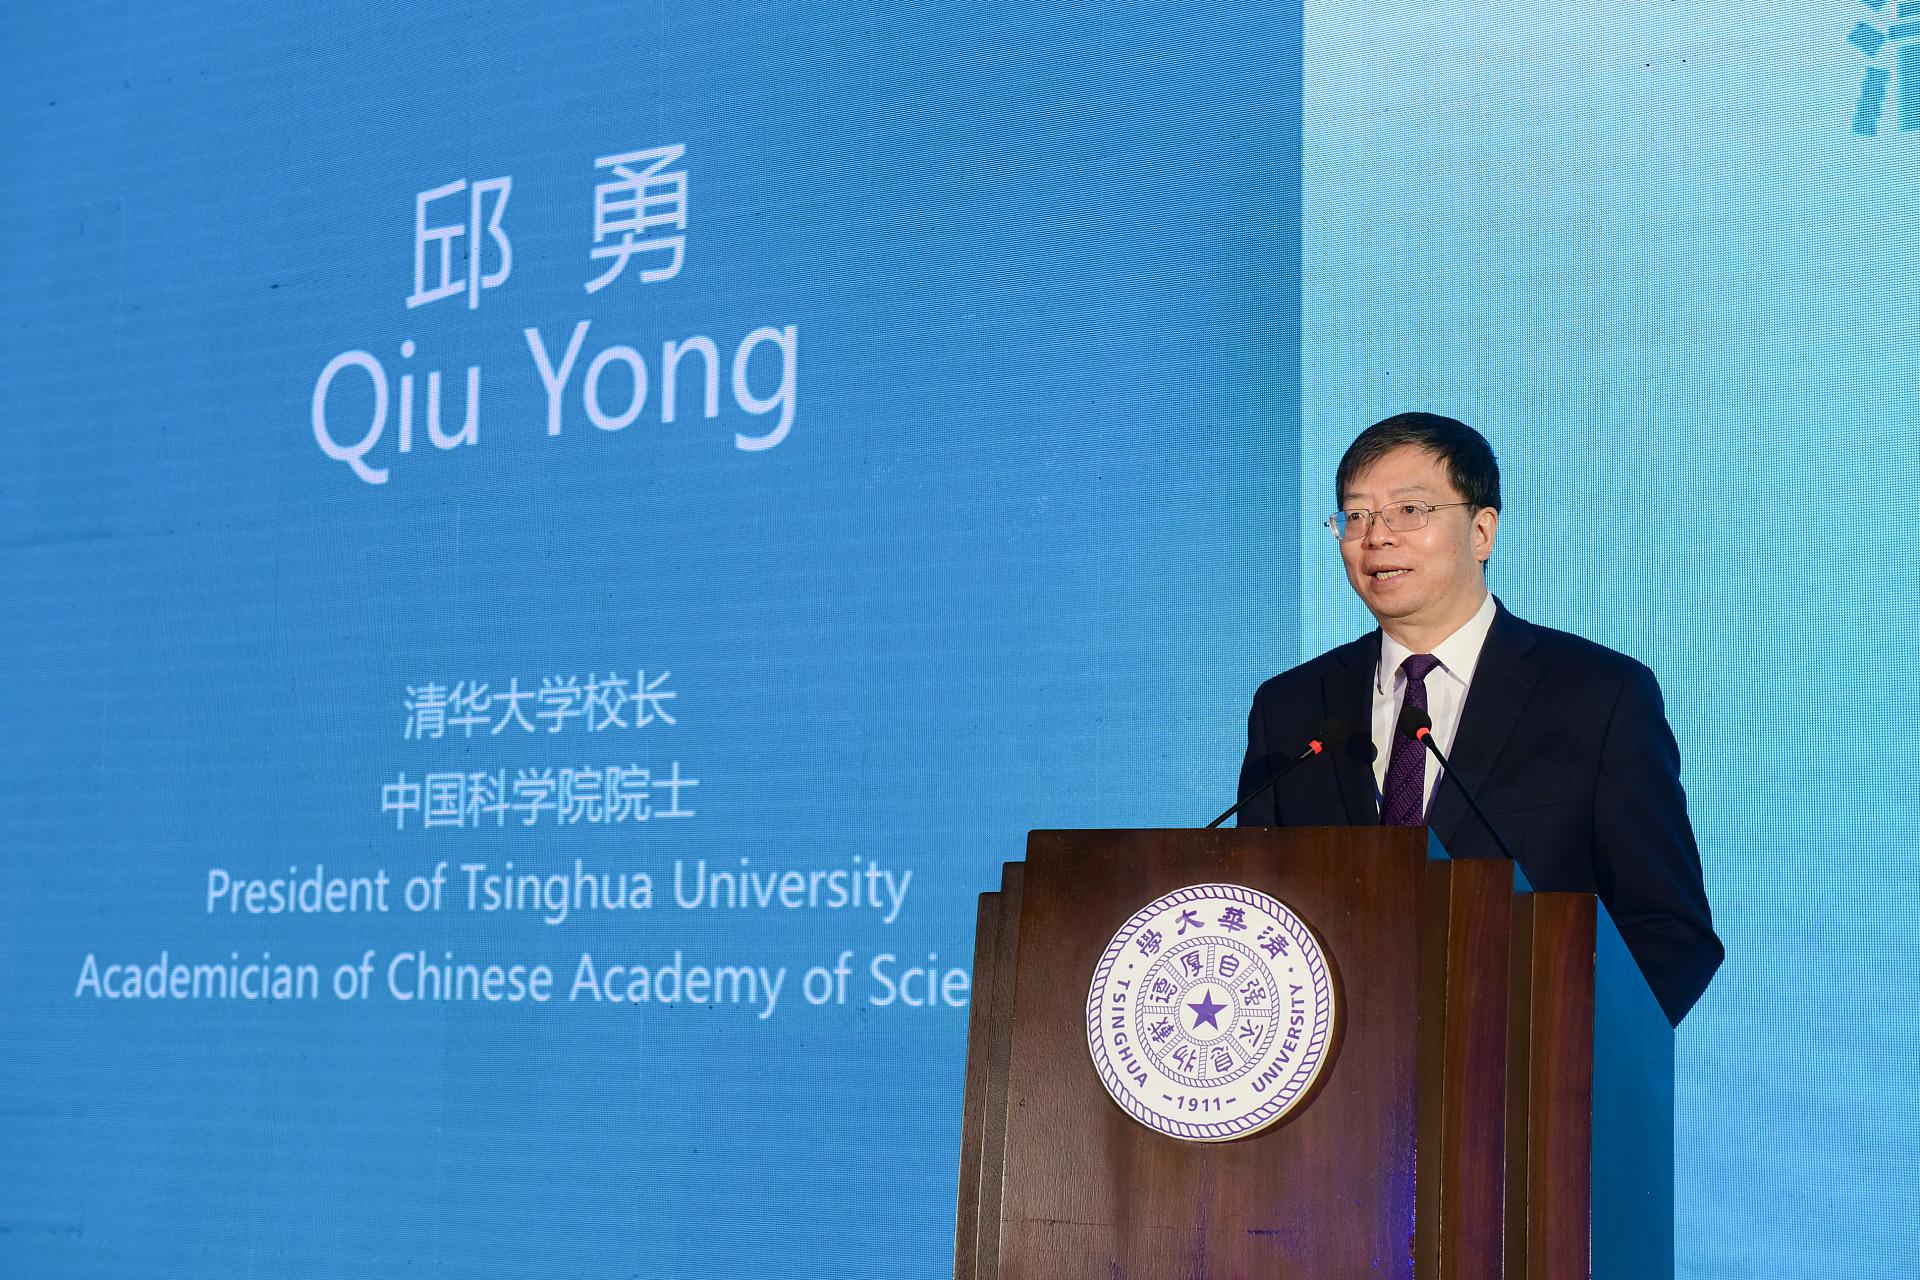 首届清华大学人工智能合作与治理国际论坛在京开幕